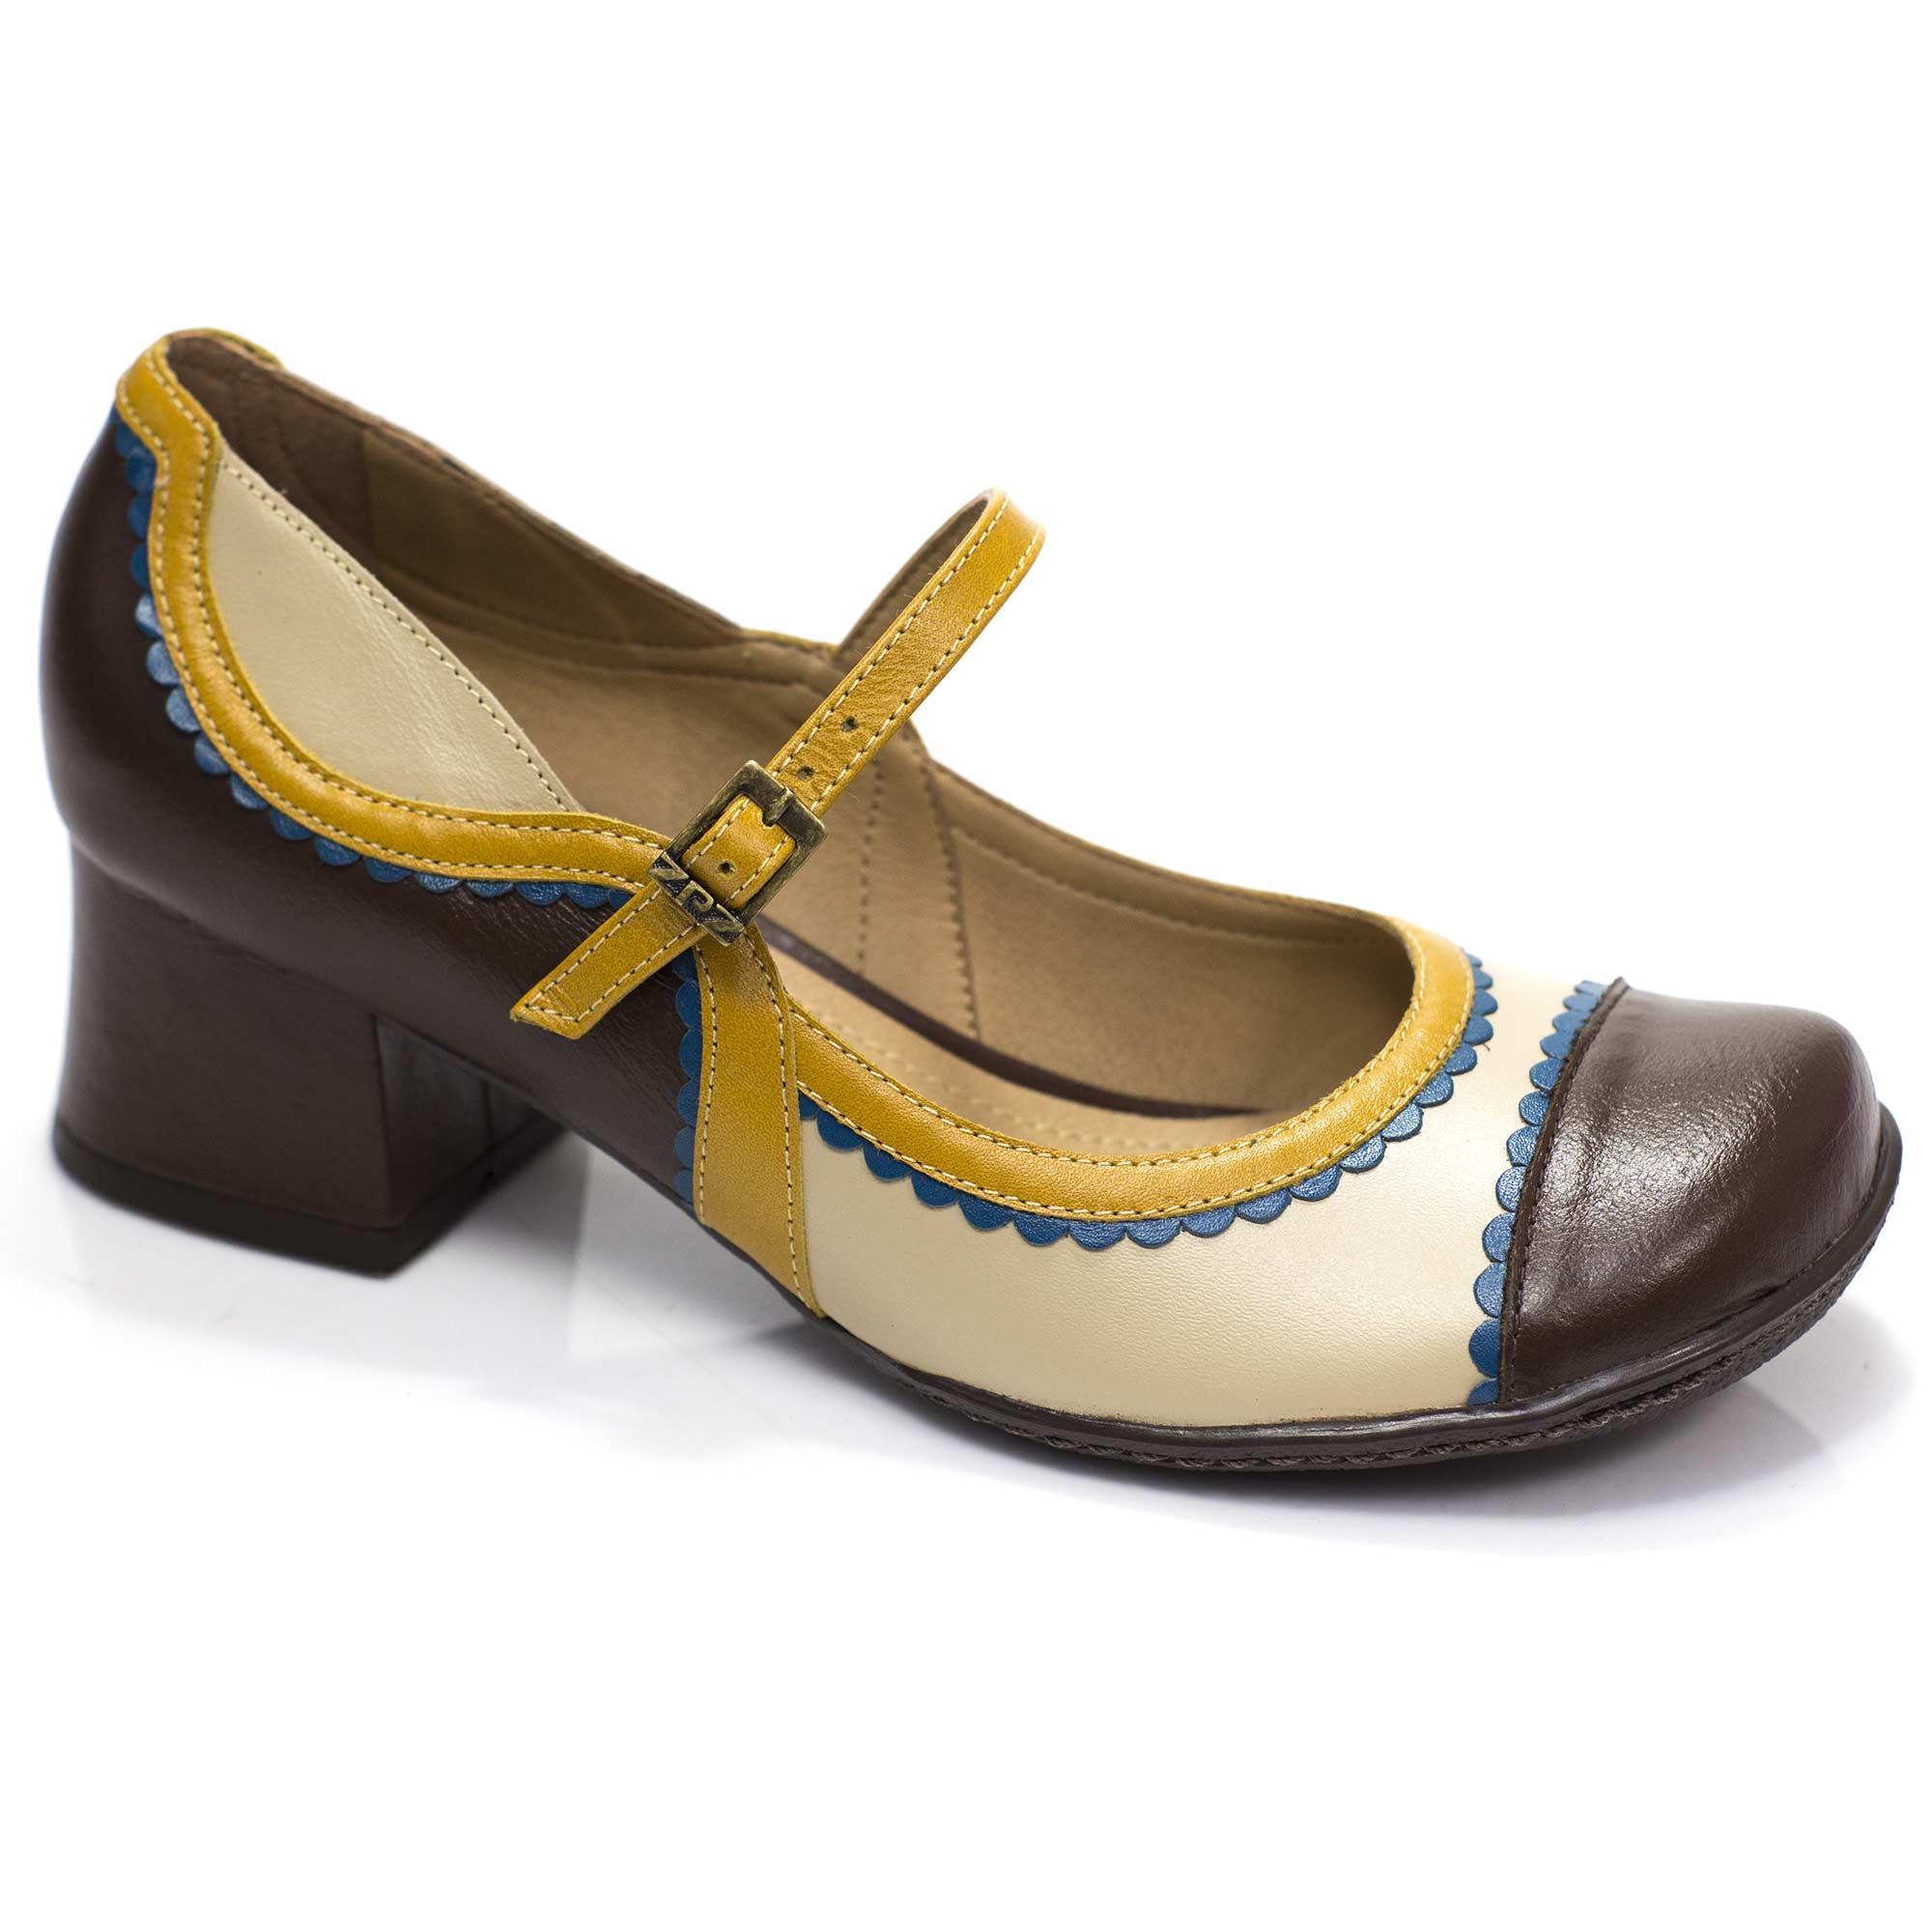 Sapato Boneca Retrô em couro Evie